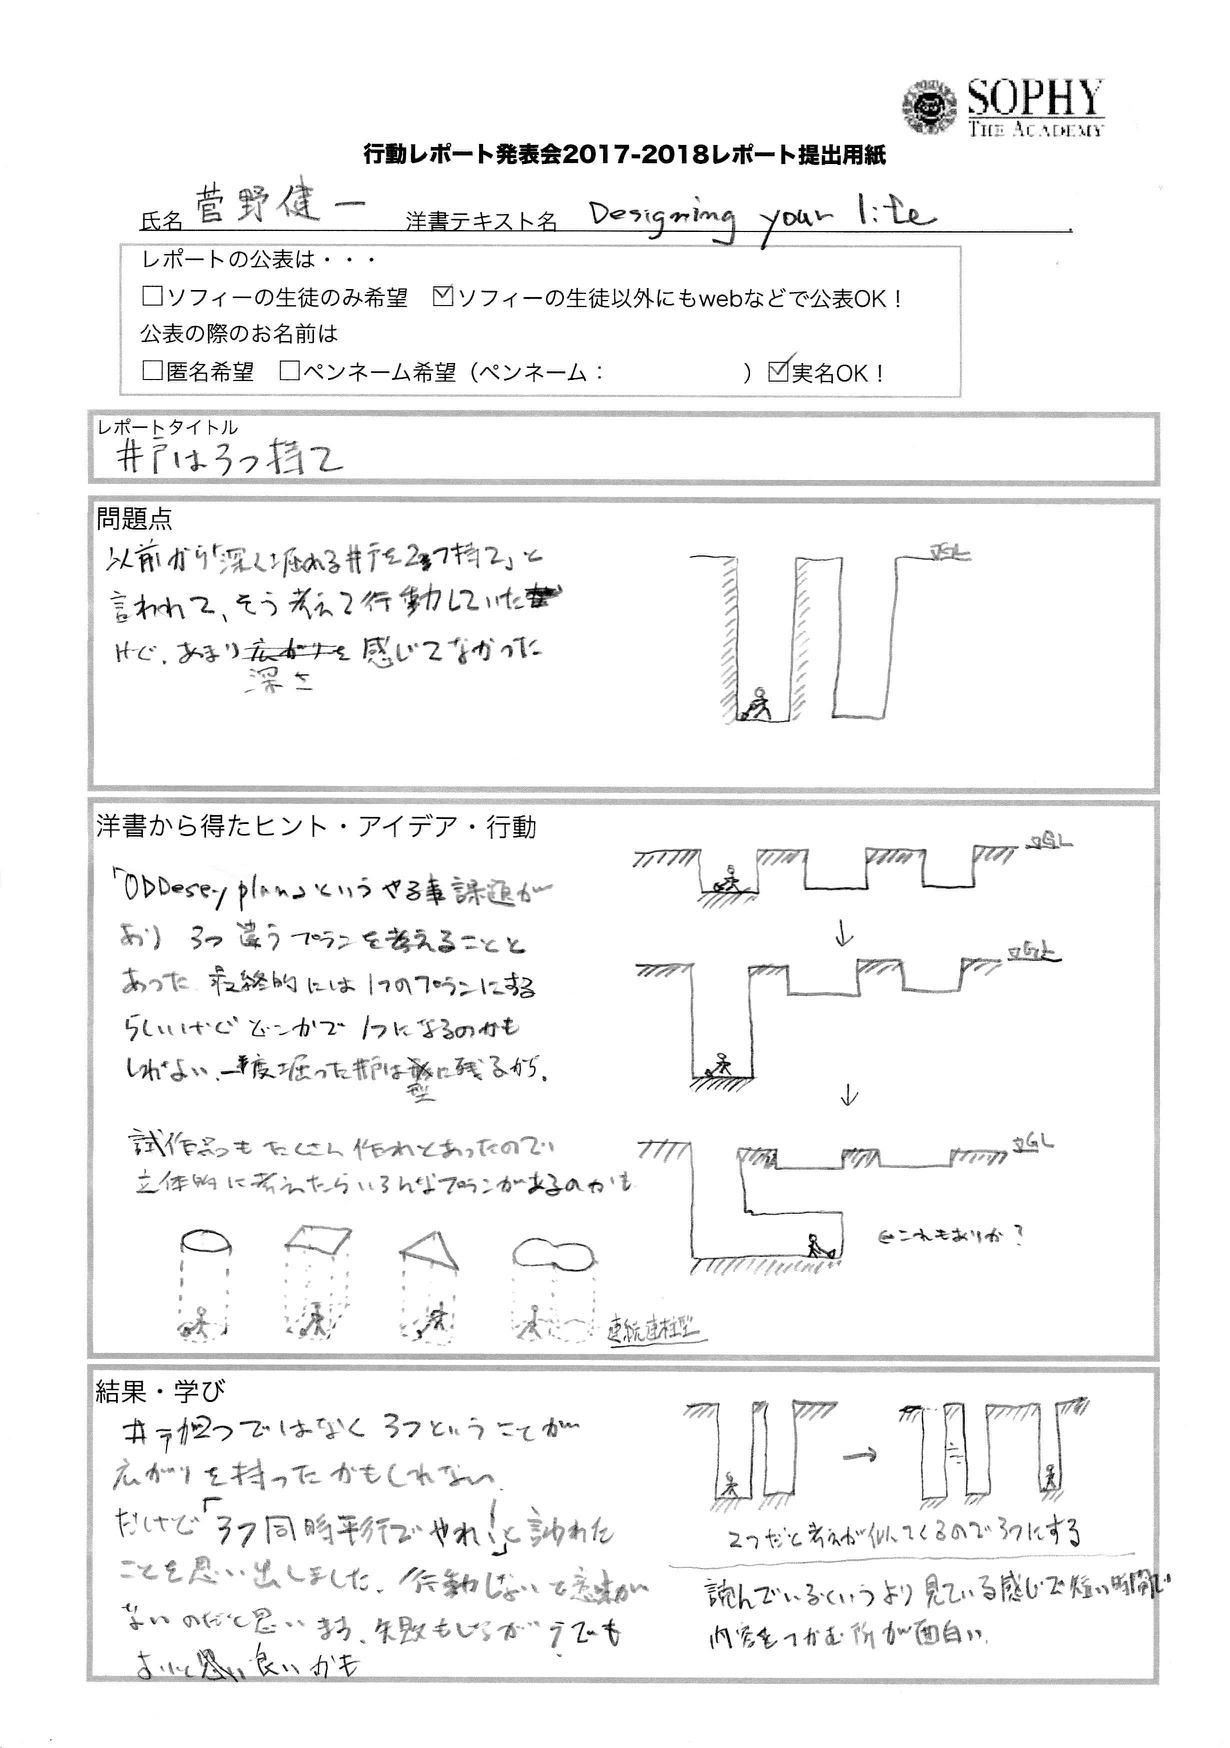 Kanno_Kenichi_1802